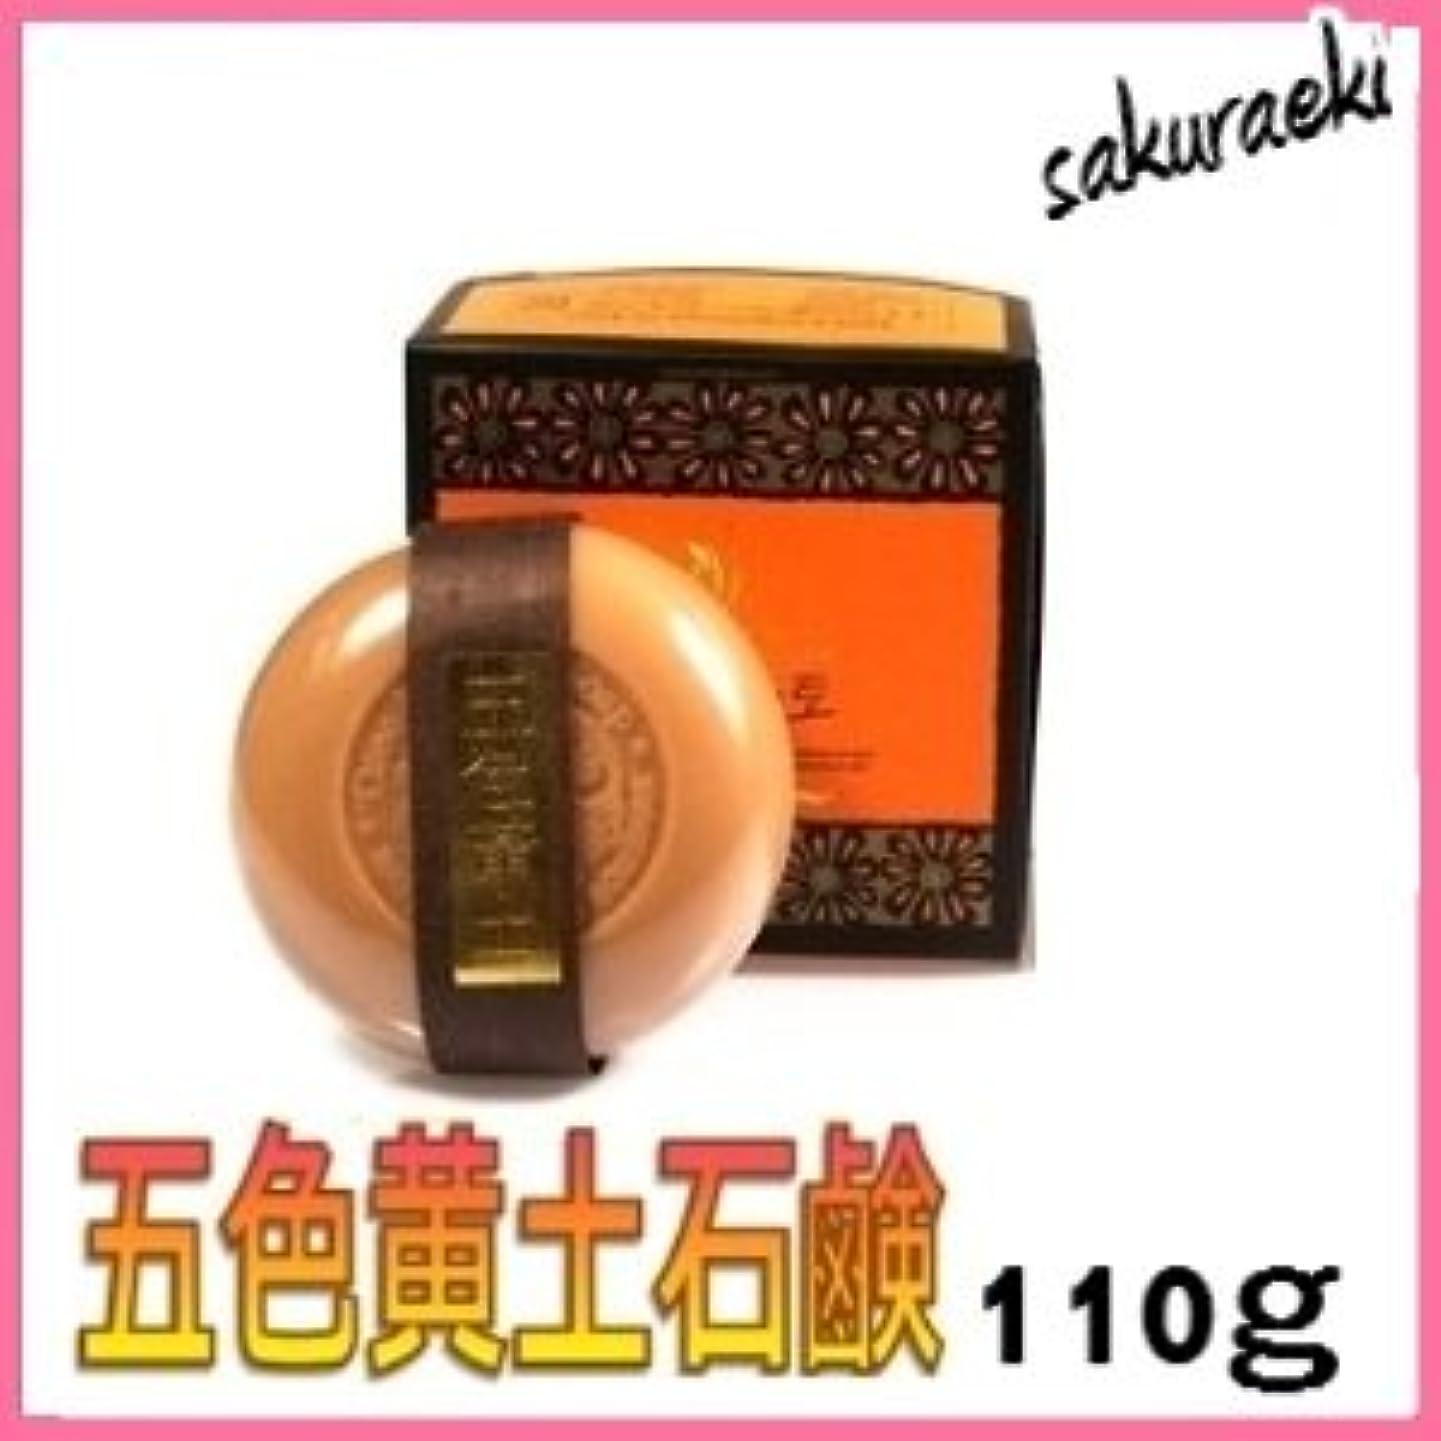 事実上廃止する硬化する韓国 天然五色 黄土石鹸 110g【韓国コスメ】